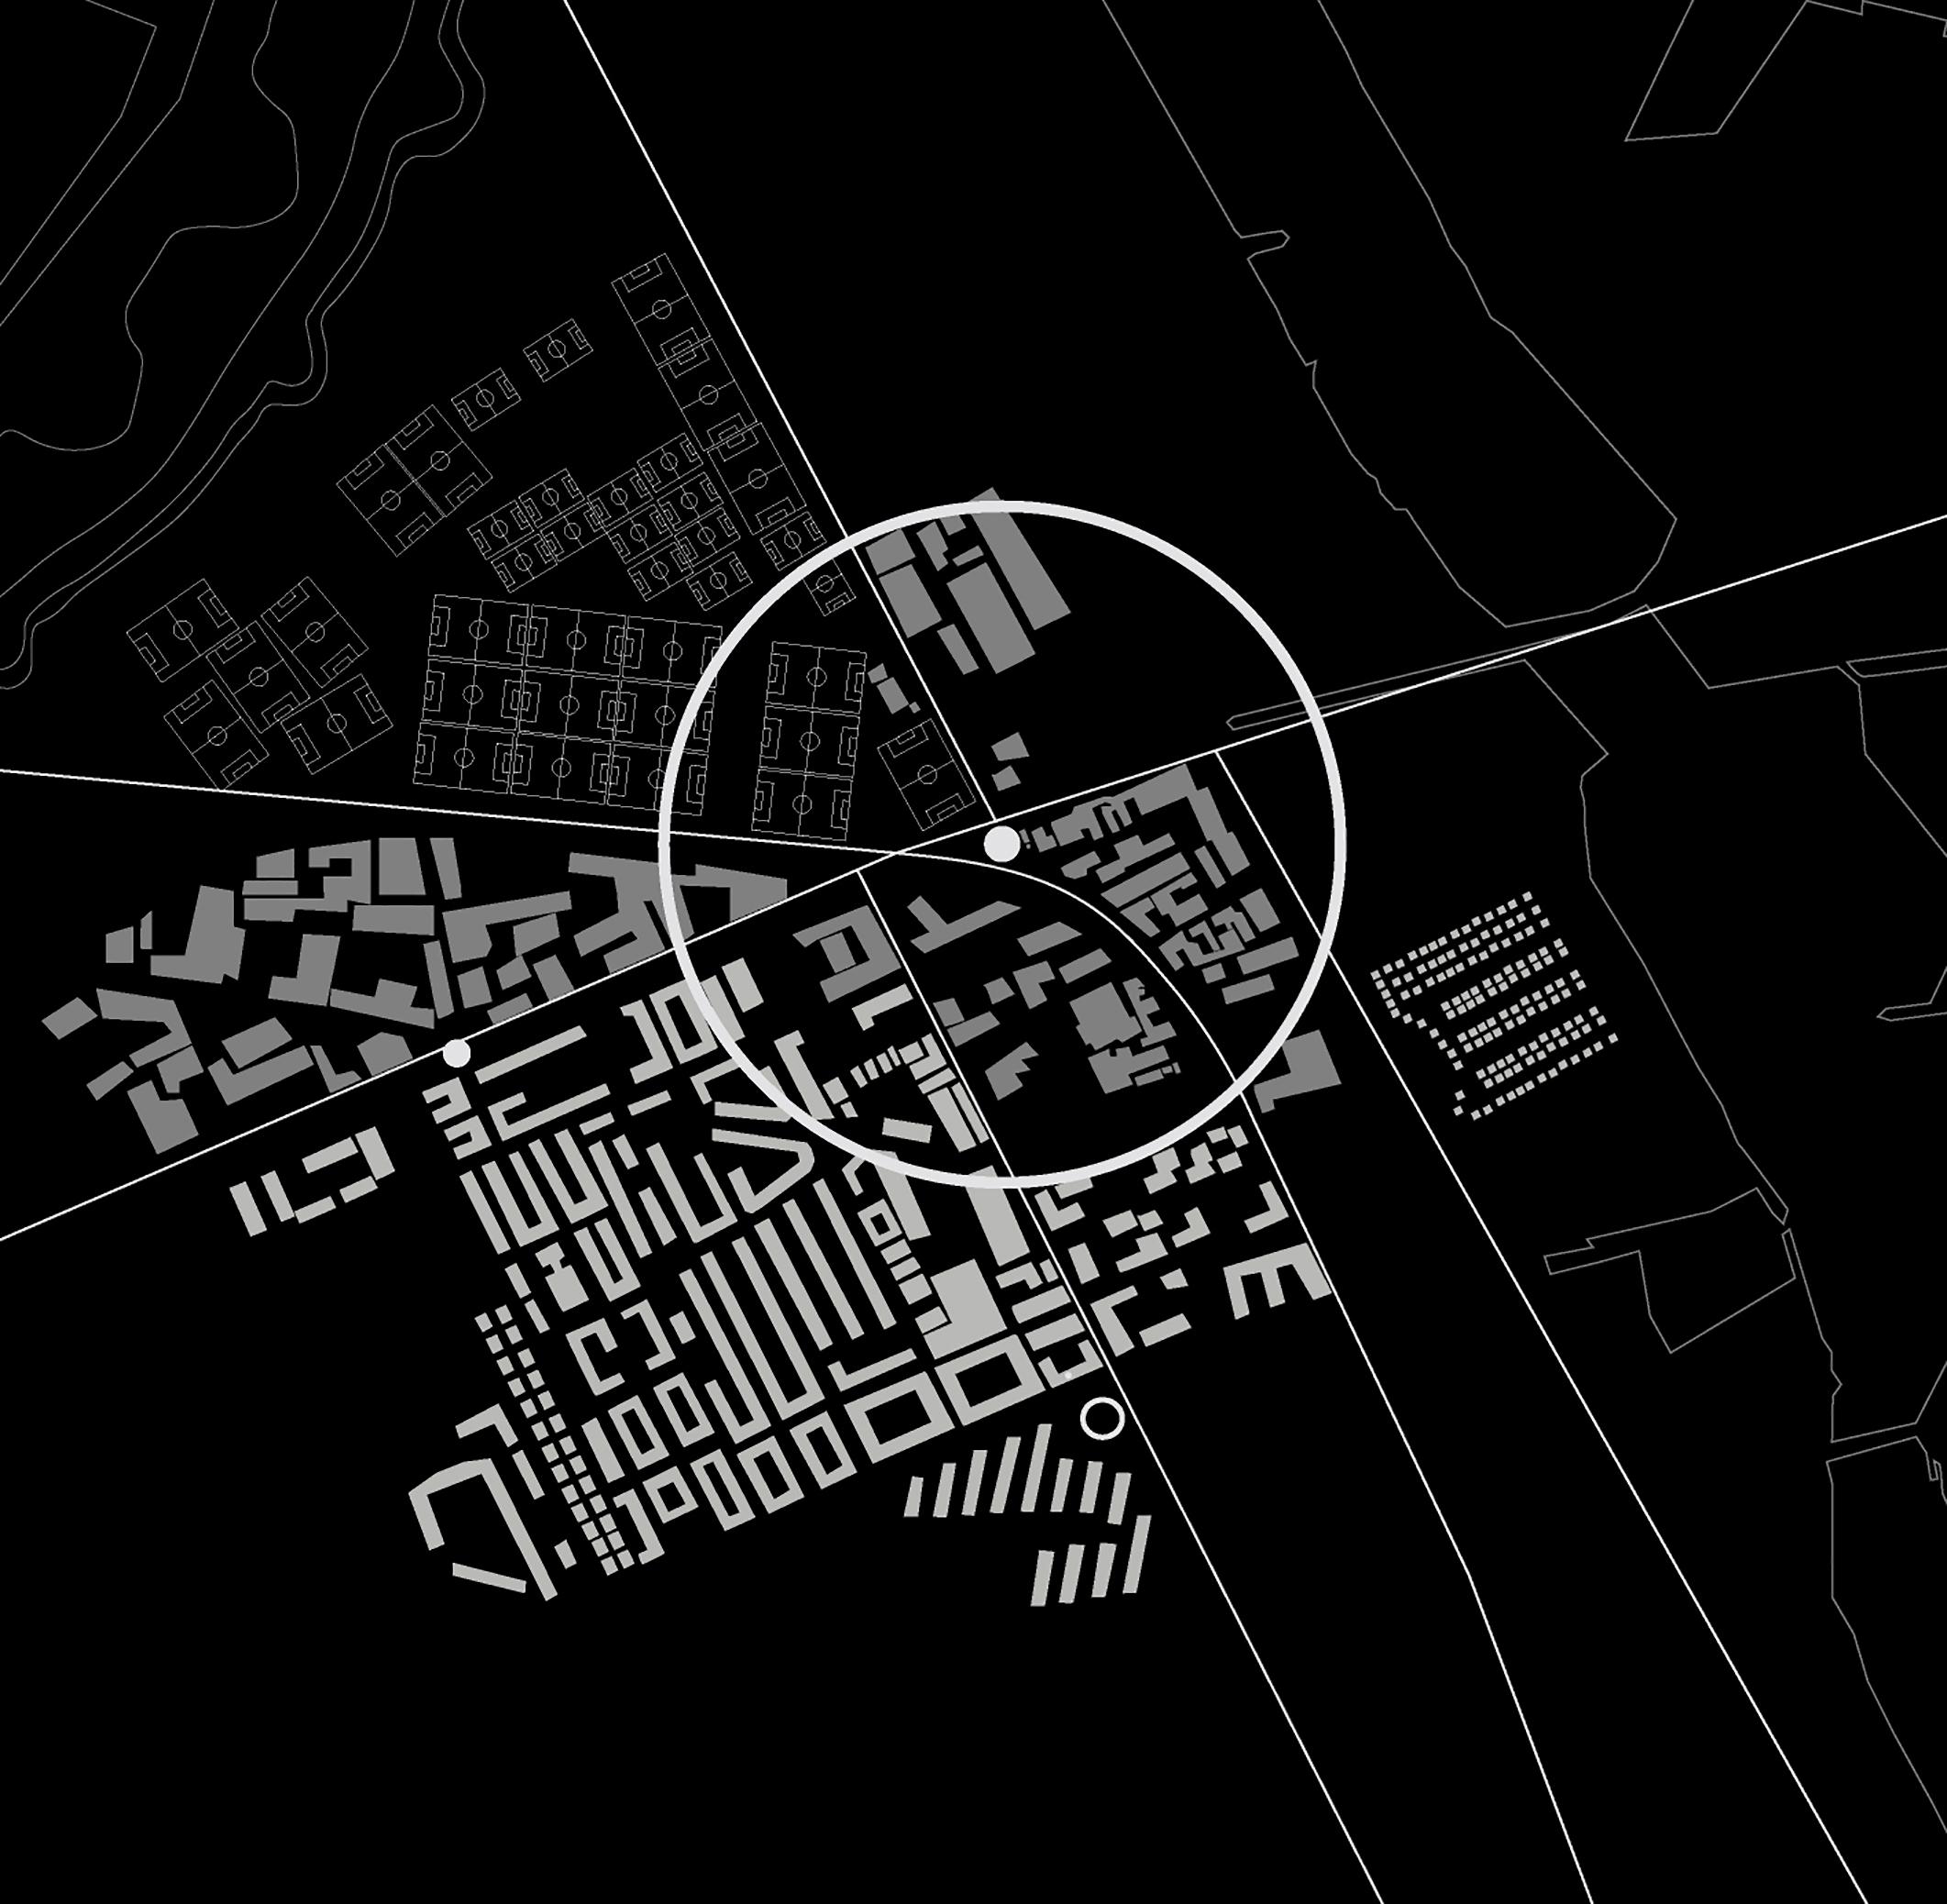 Central Zoning Sidste Vejledning Invert beskåret lille.jpg